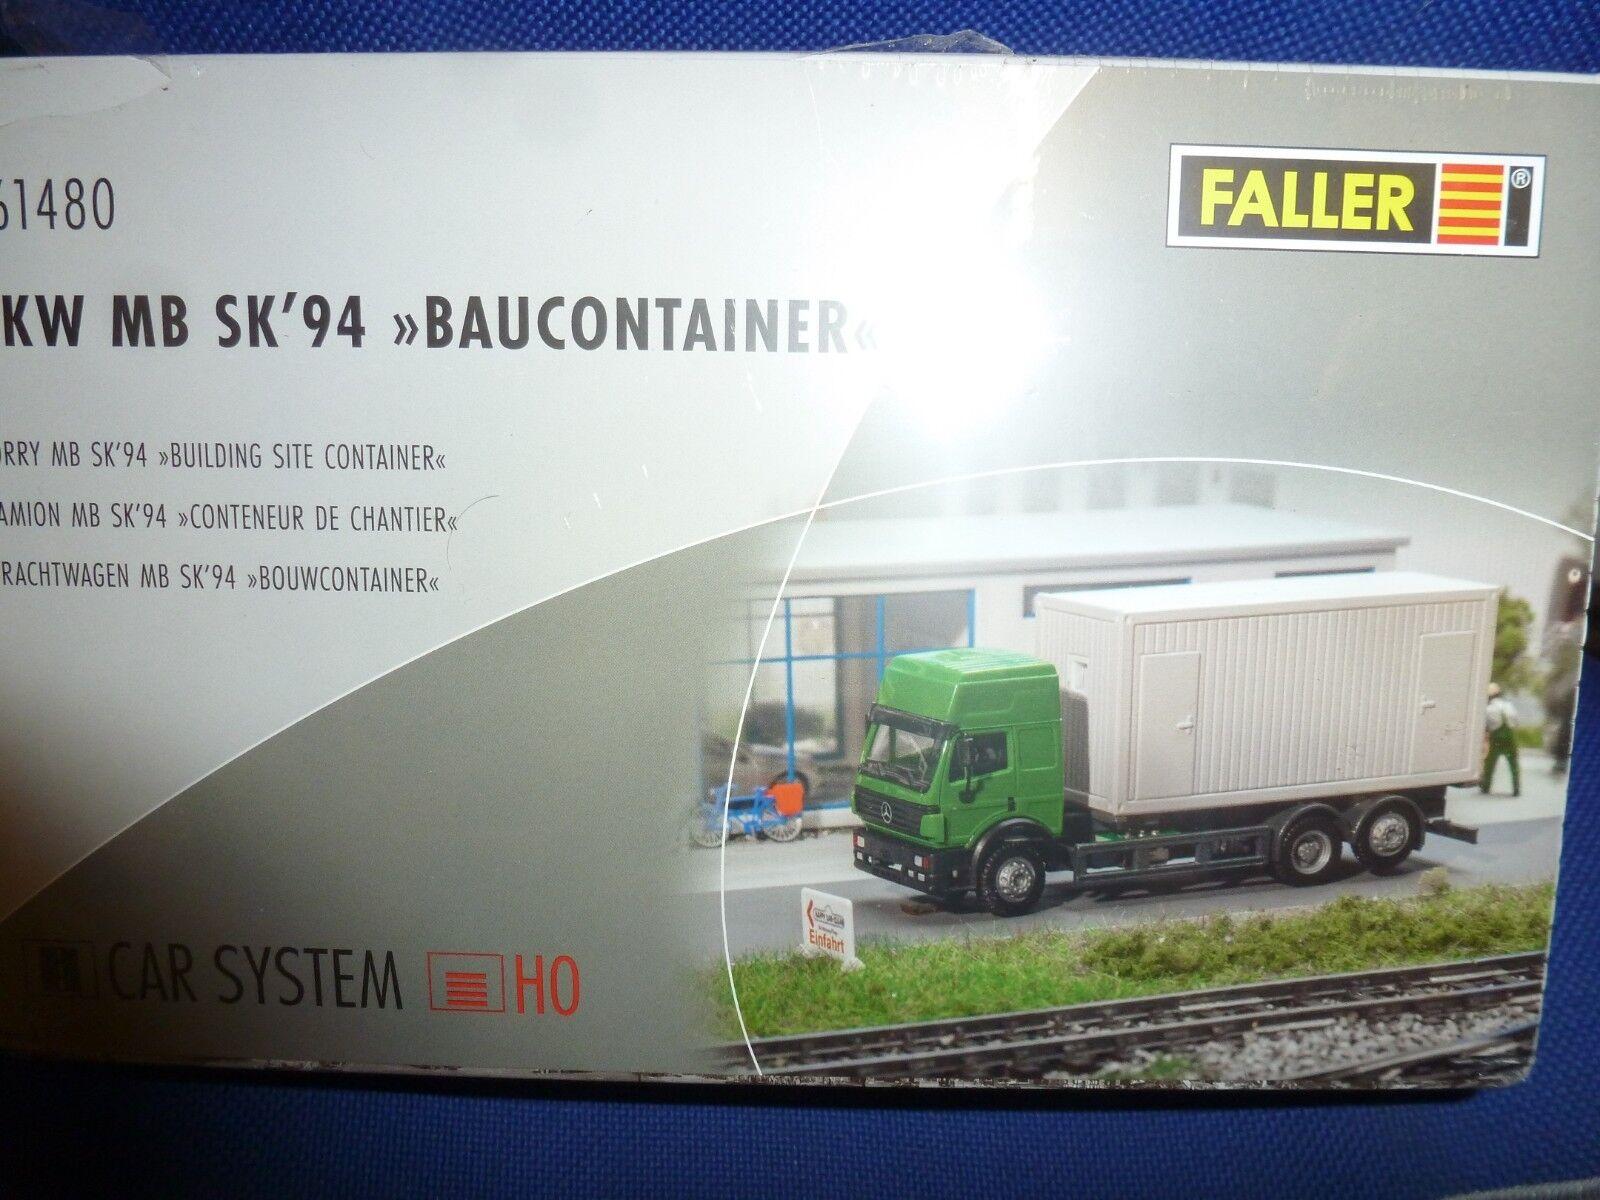 Con 100% de calidad y servicio de% 100. Faller Faller Faller Coche System nº 161480 camiones mb`94 prefabricados,  genuina alta calidad